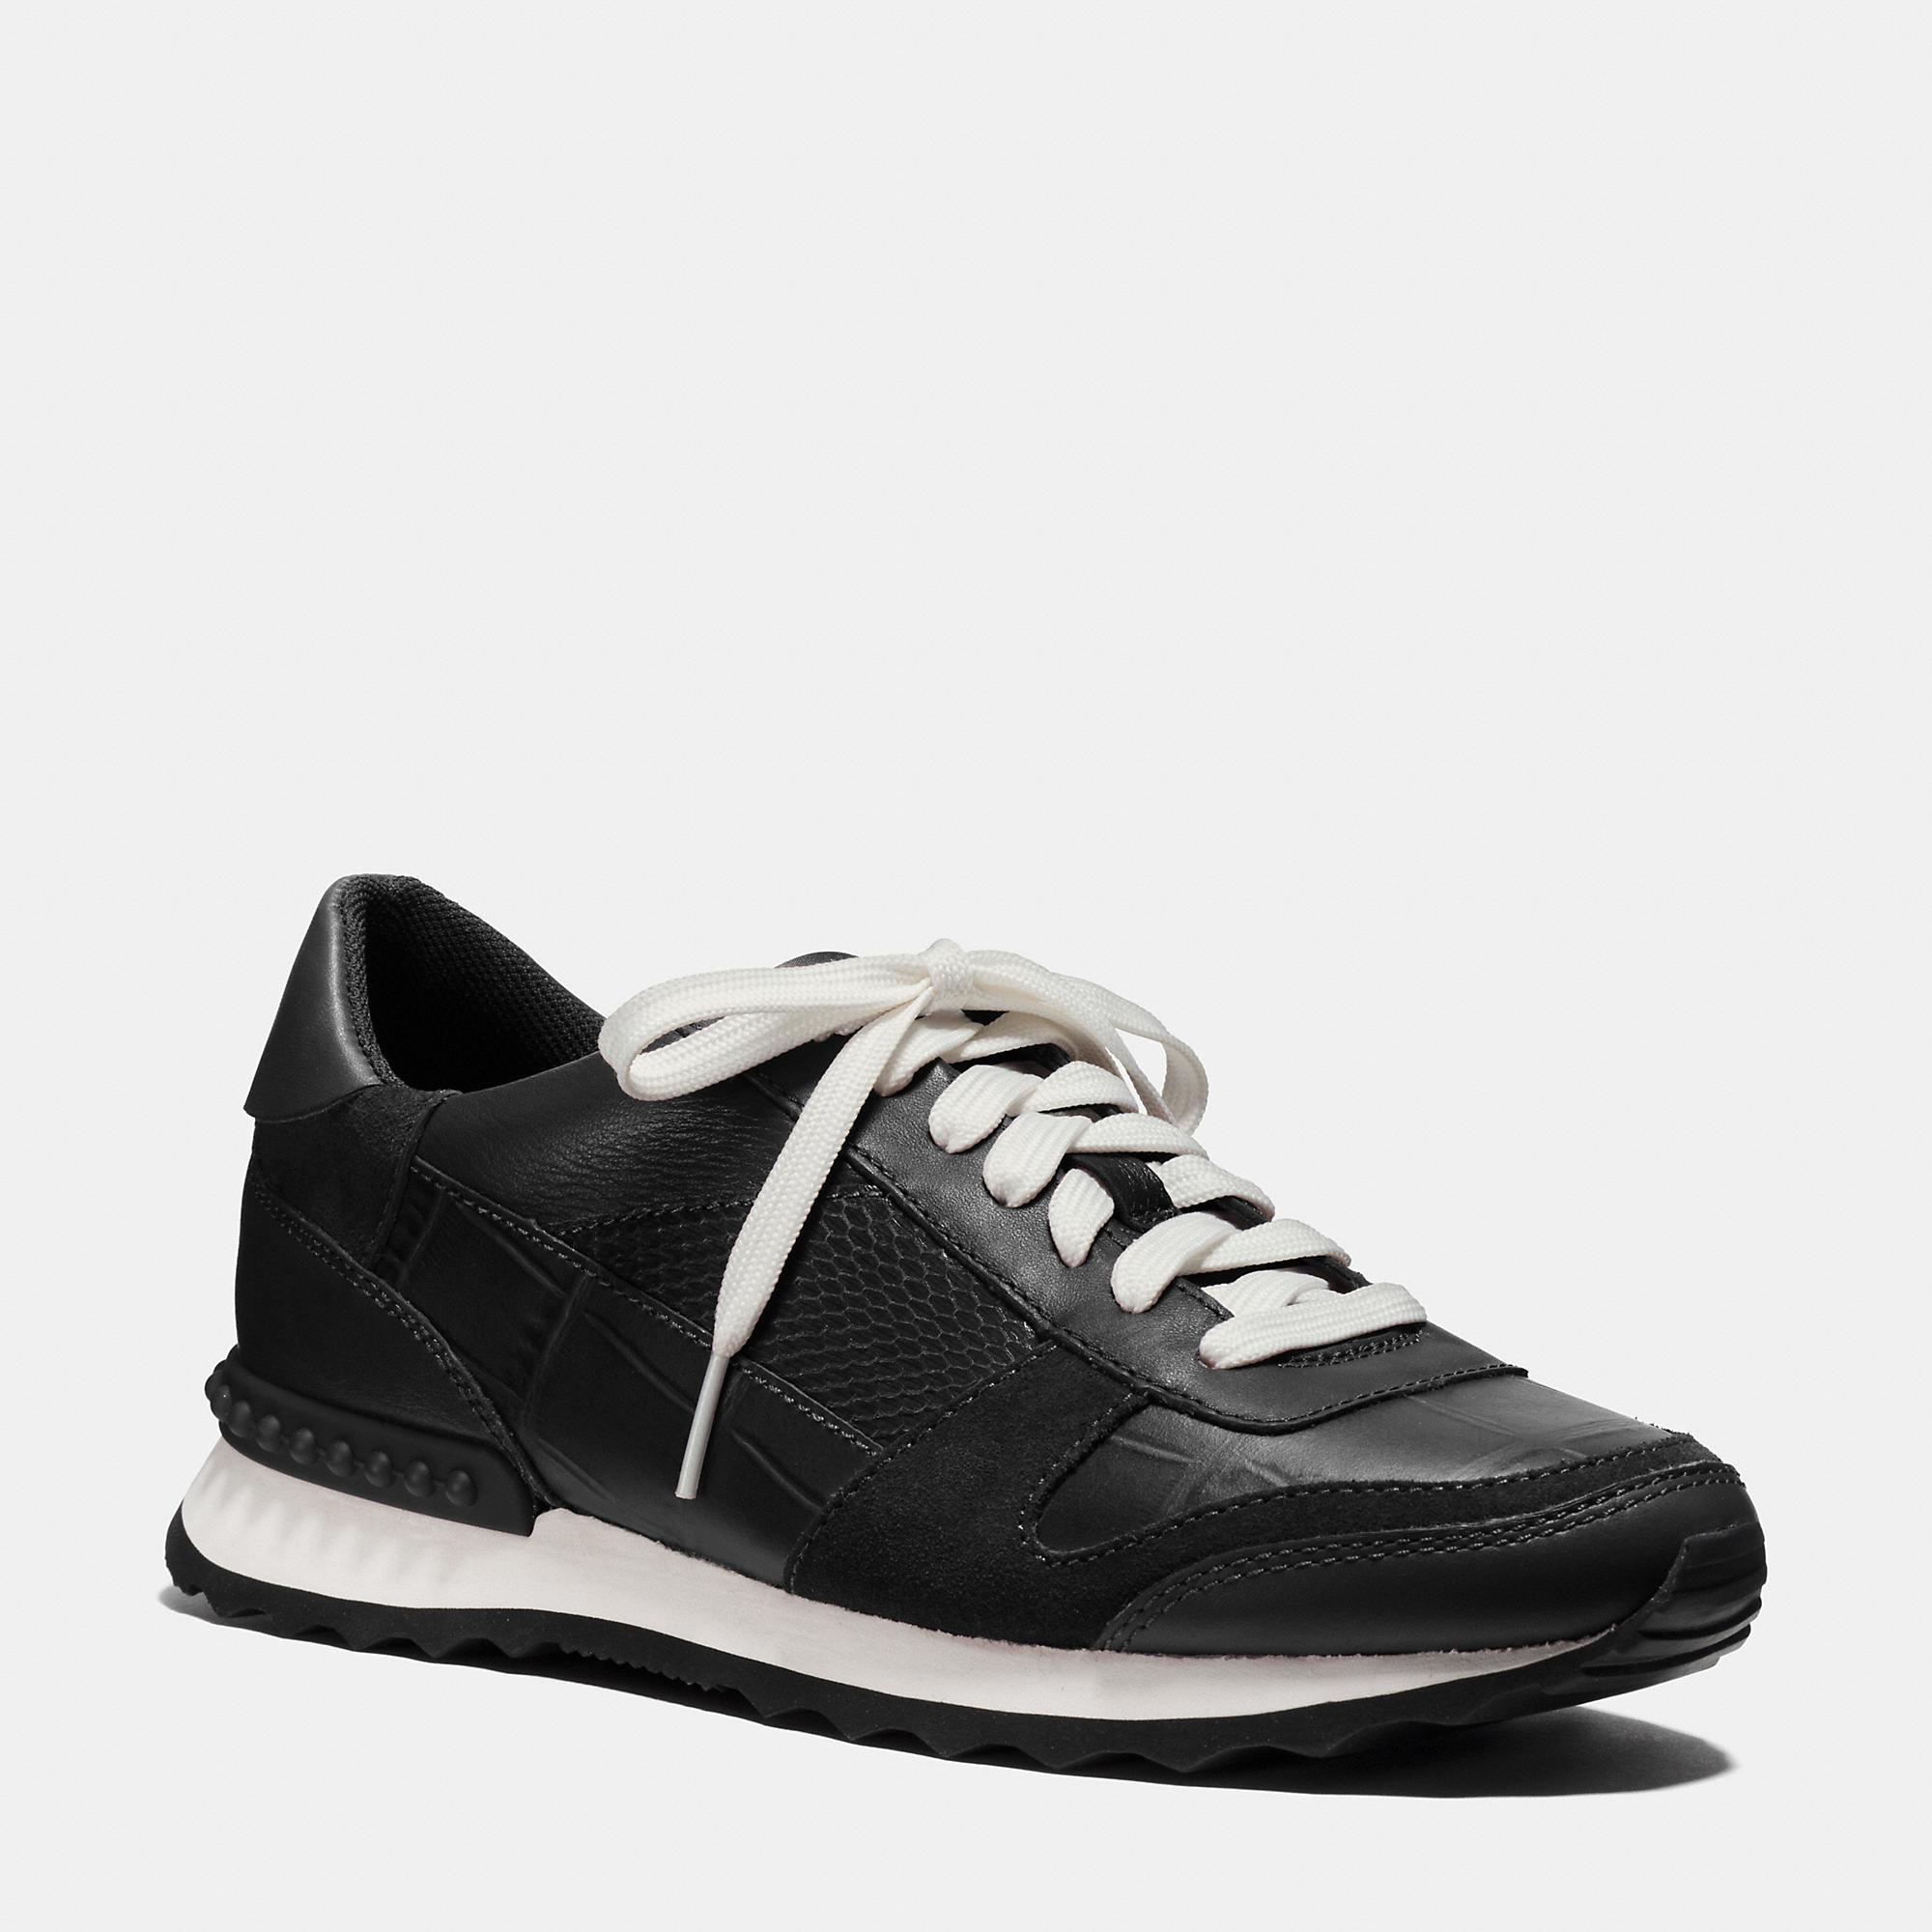 Coach Moonlight Patchwork Sneaker in Black